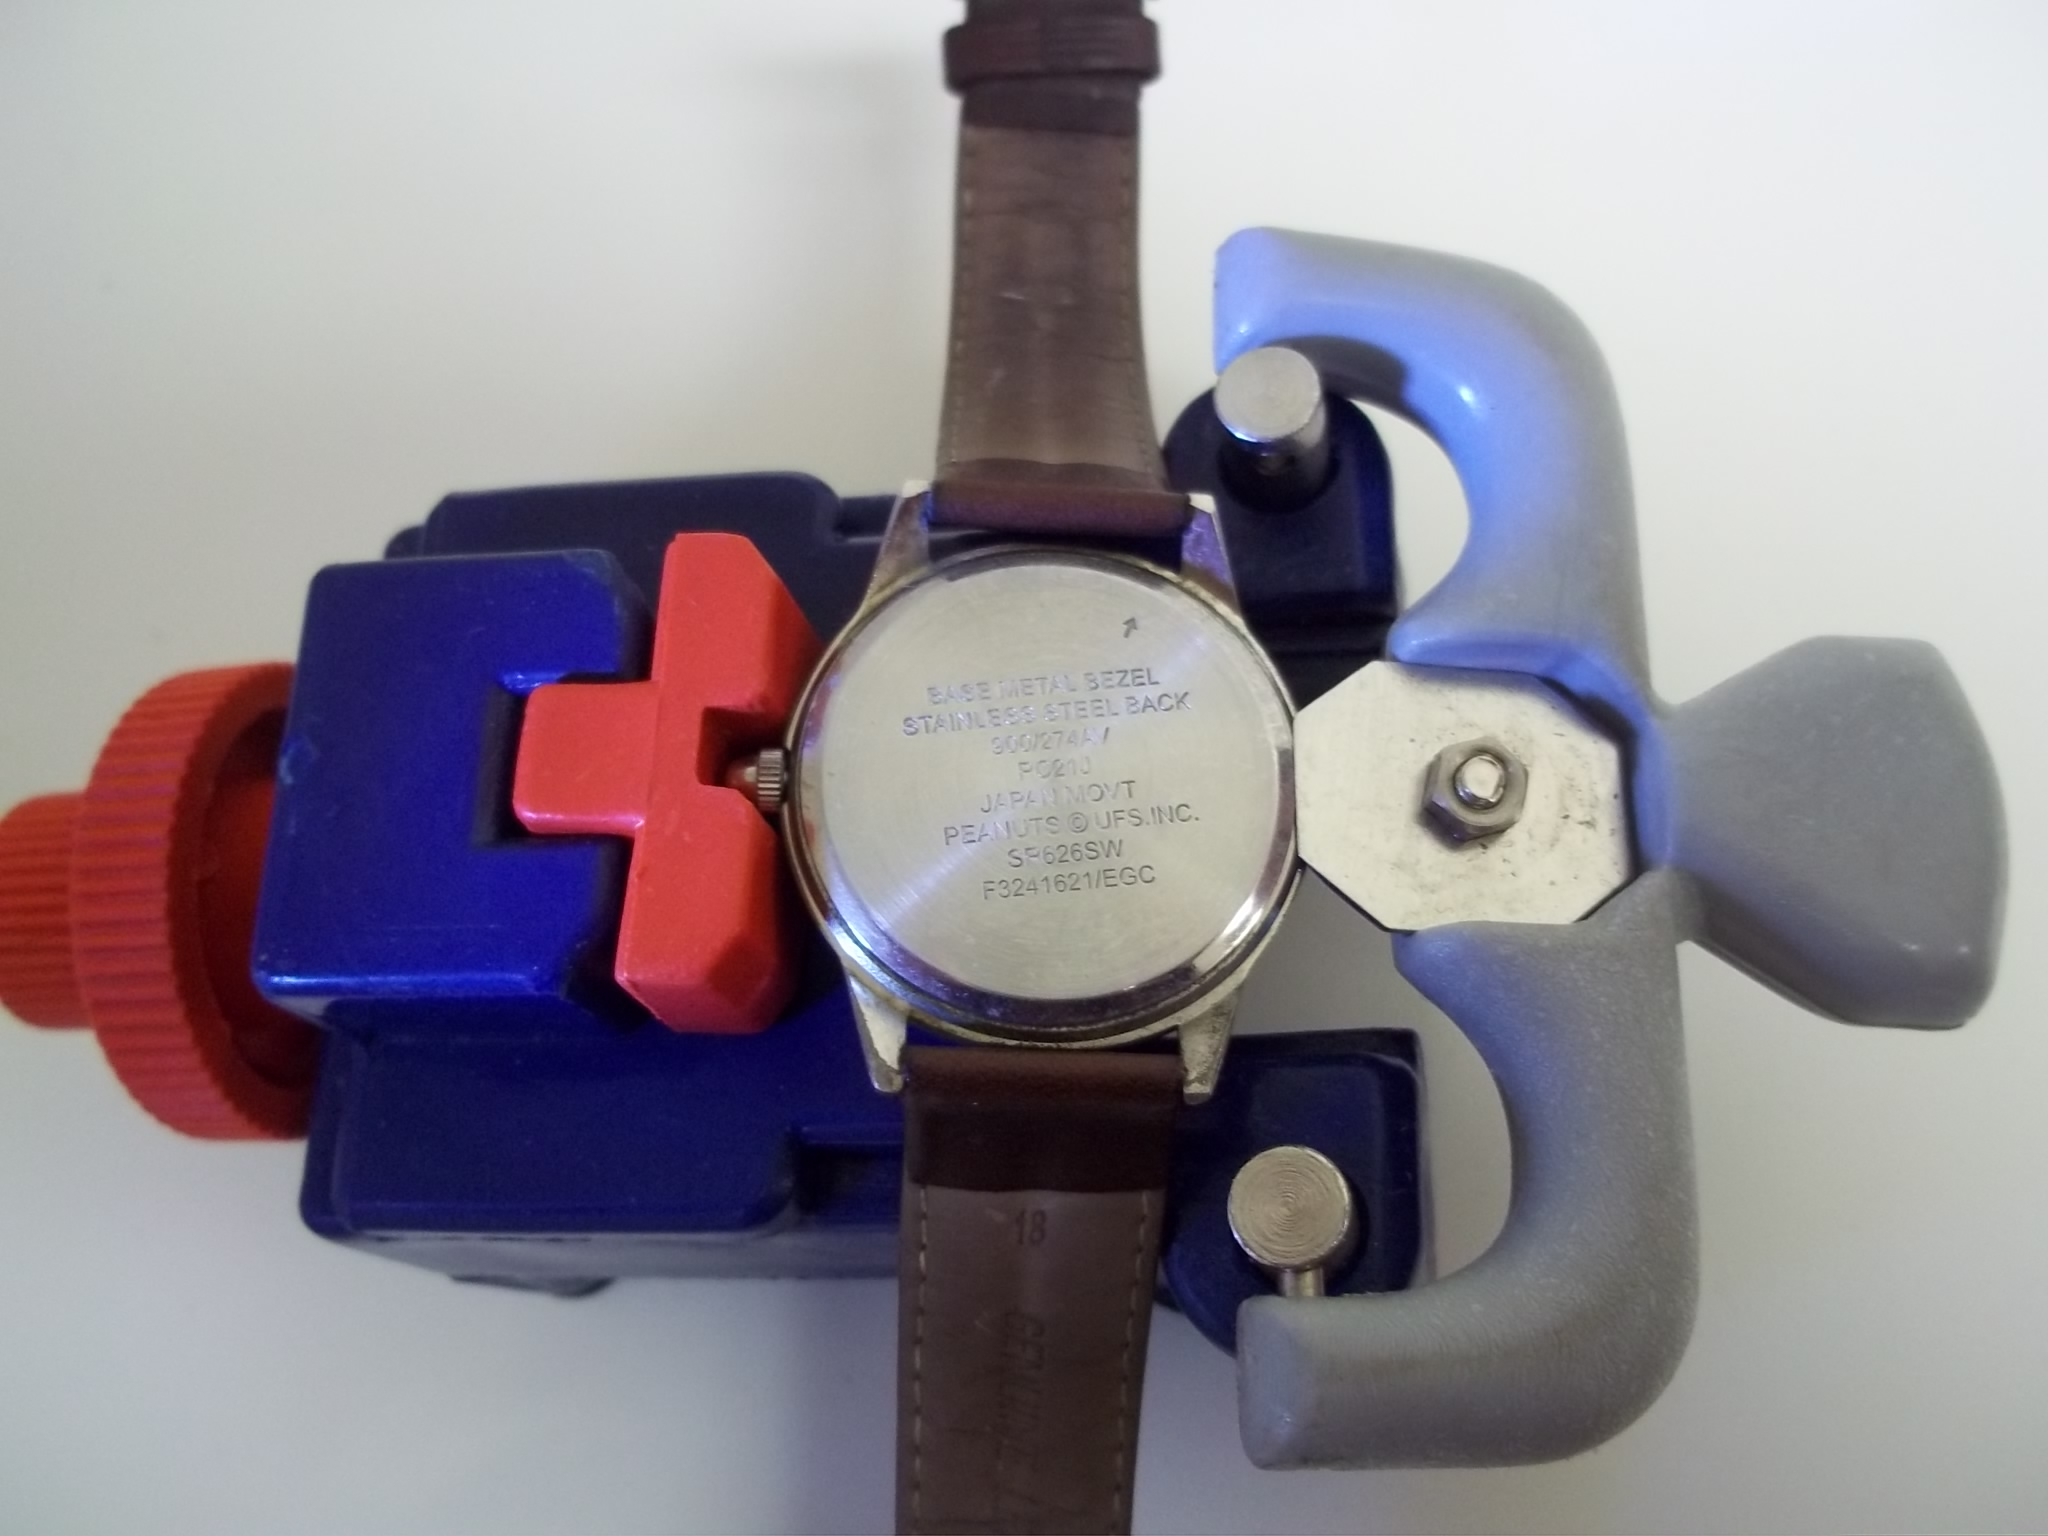 CO300 Watch Case Opener